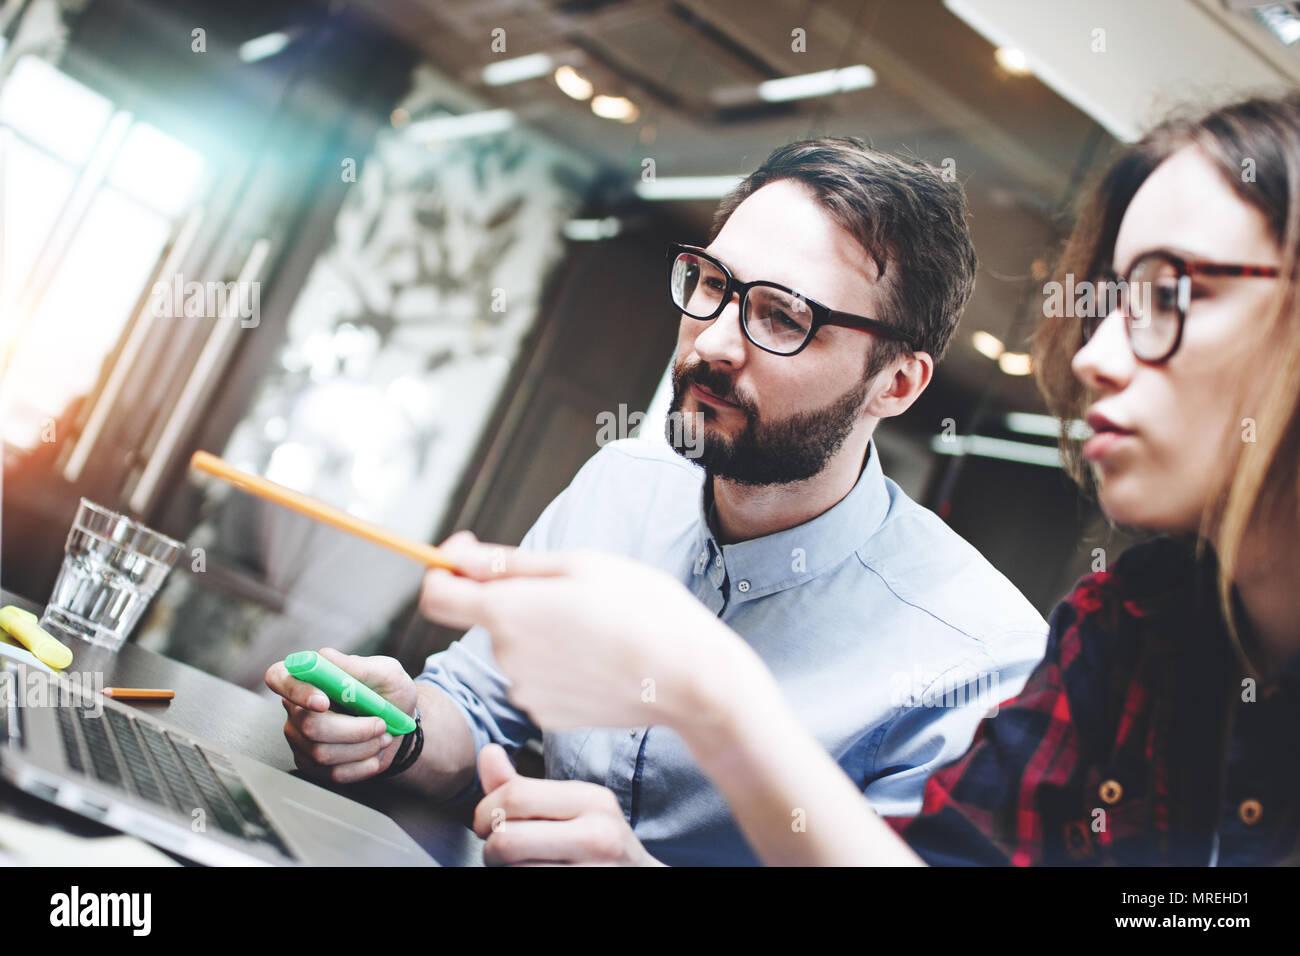 Mannschaft der Geschäftsmann arbeitet an einem neuen Konzept für einen modernen Laptop im Open Space Office. Unscharfer Hintergrund. Brainstorming ein neuer Anlauf Stockbild